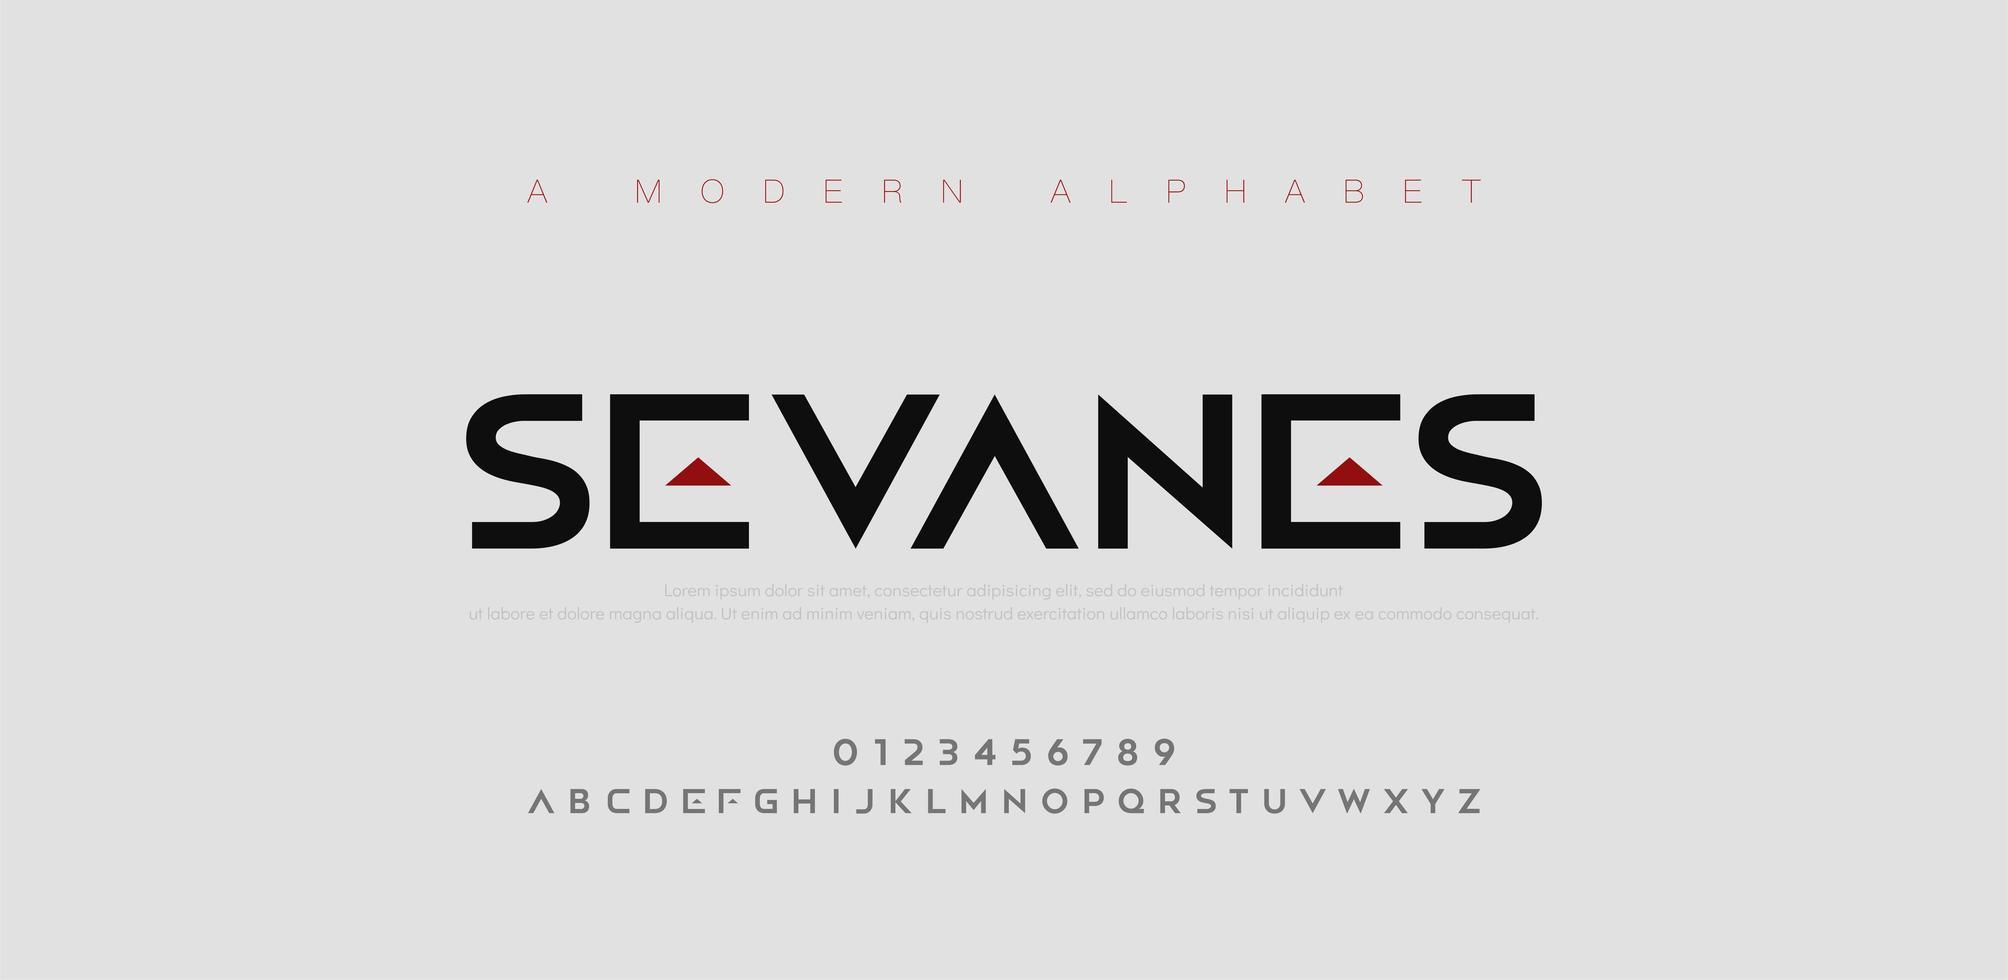 abstrakta moderna urbana alfabetsteckensnitt vektor